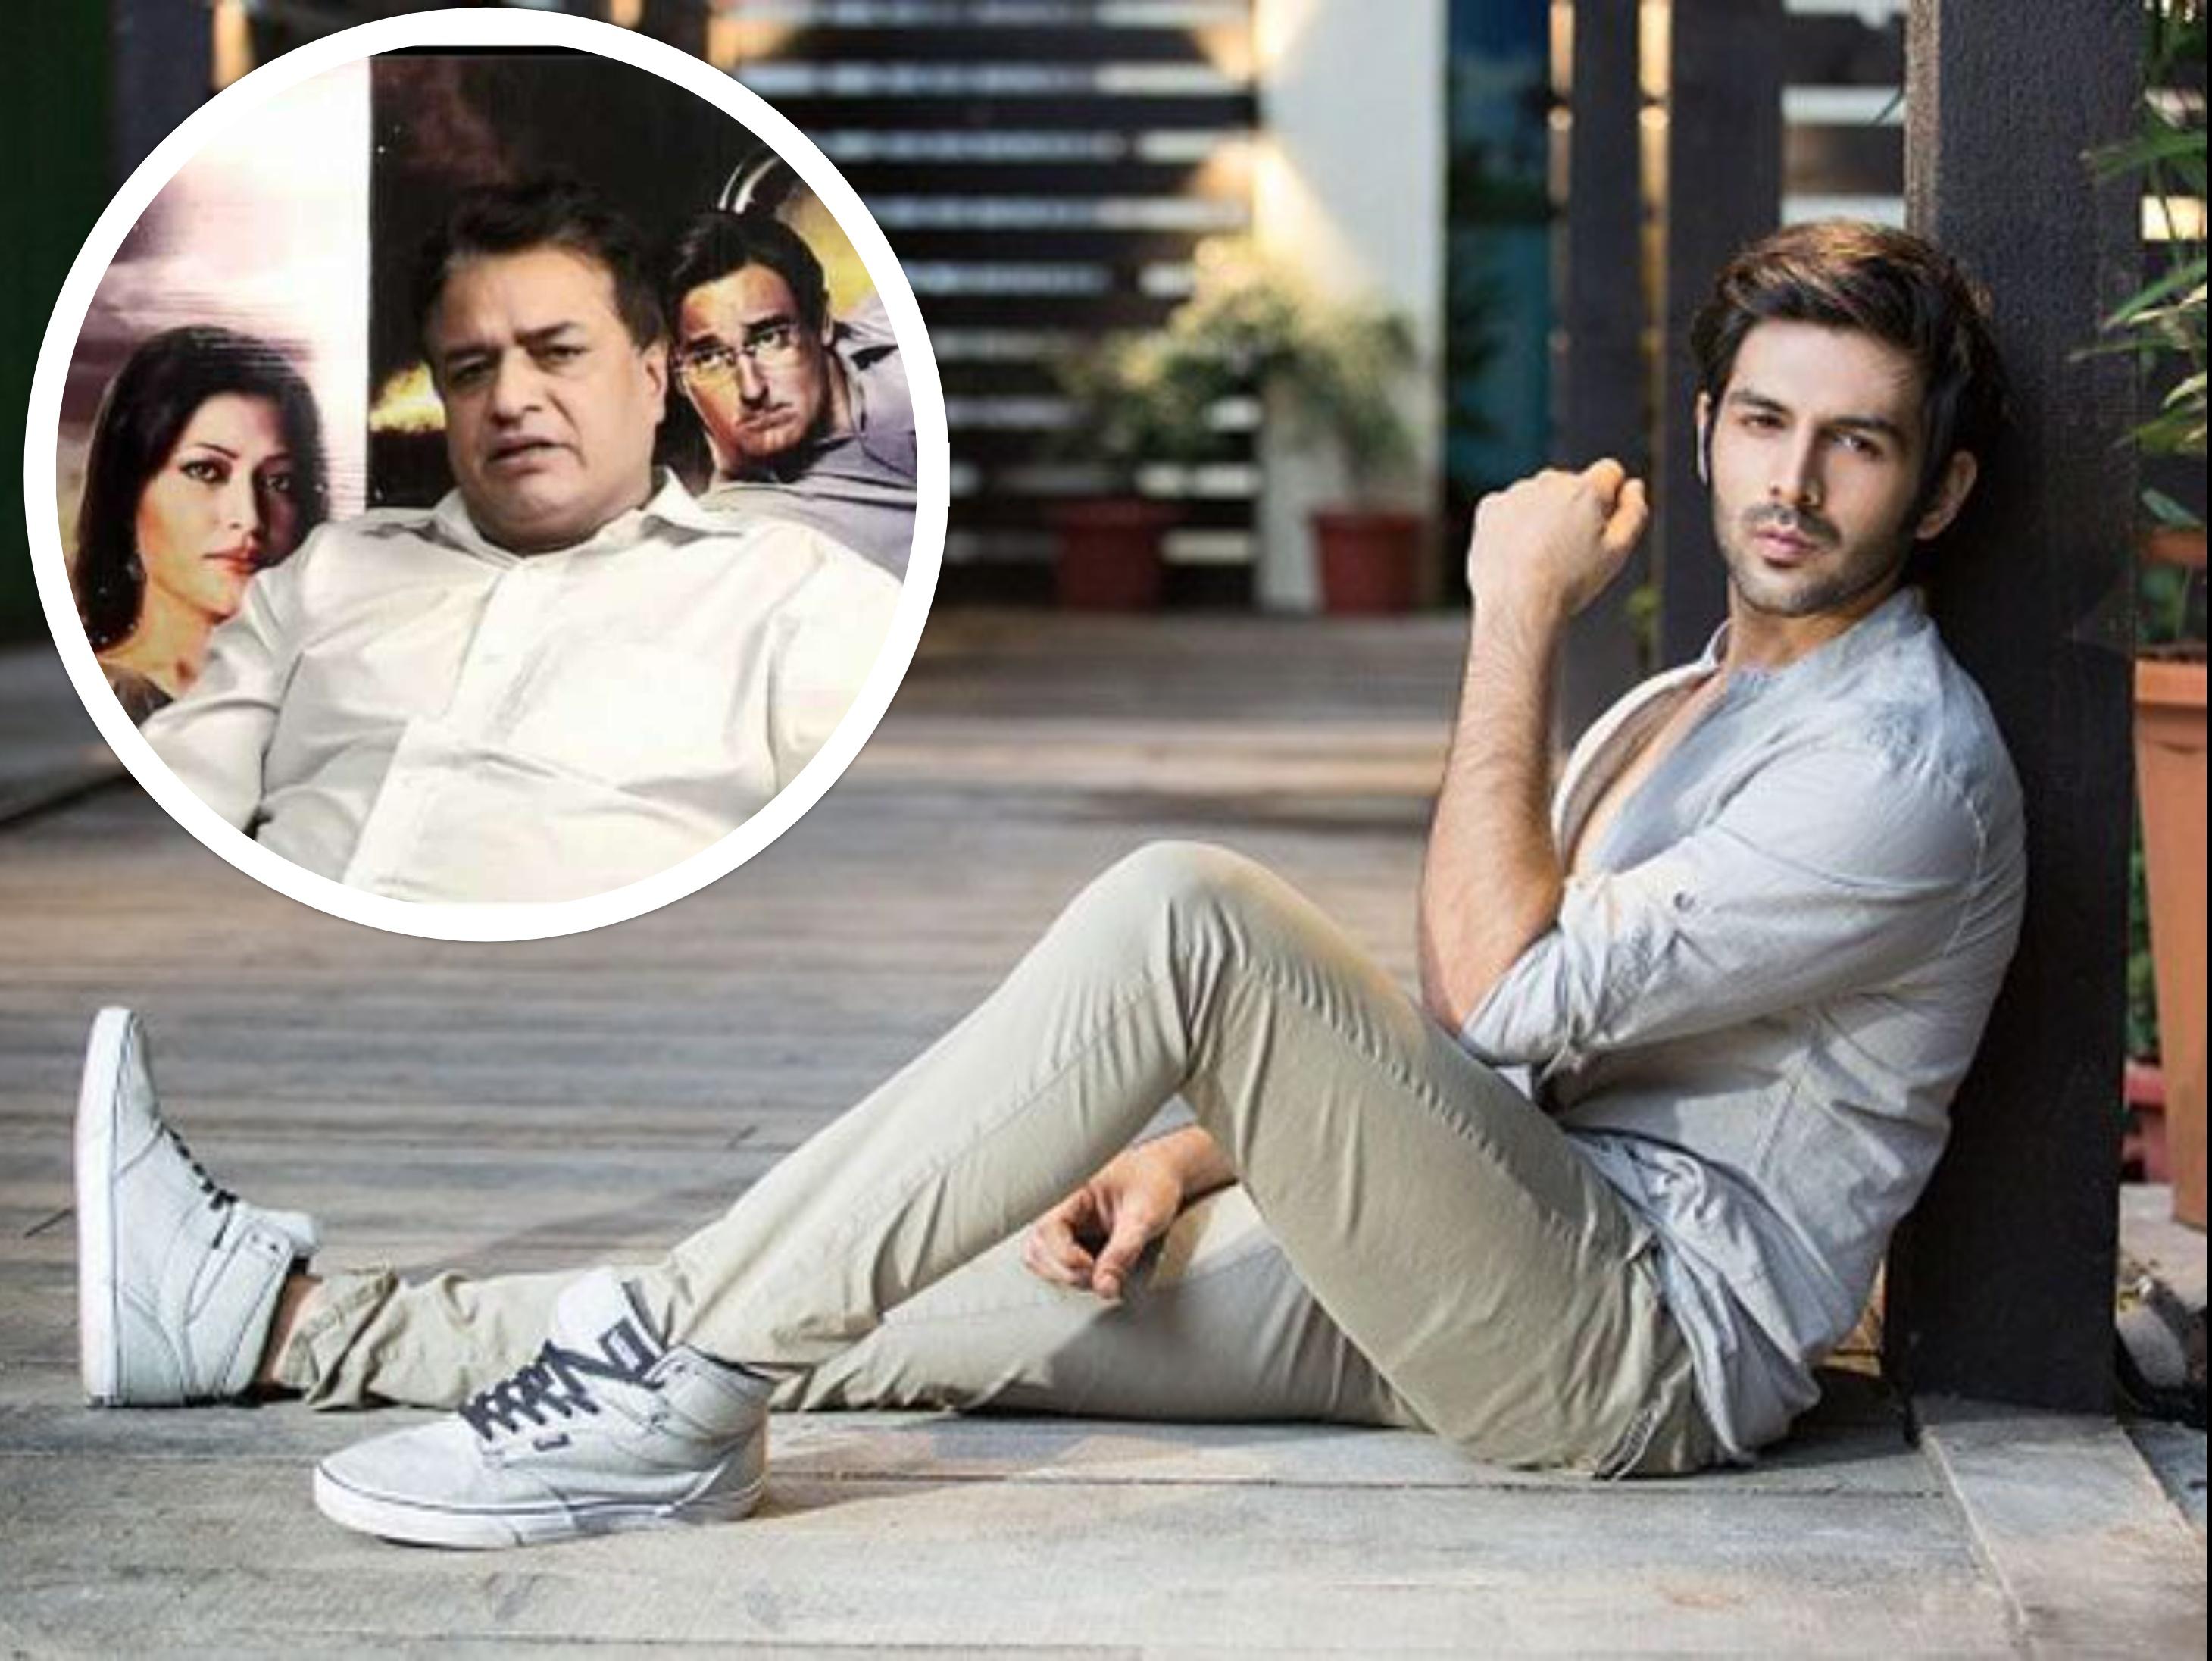 कार्तिक आर्यनके बचाव में आए कुमार मंगत पाठक बोले-कभी स्क्रिप्ट से छेड़छाड़ नहीं की,आज भी पांव छूने के बाद बात करता है|बॉलीवुड,Bollywood - Dainik Bhaskar